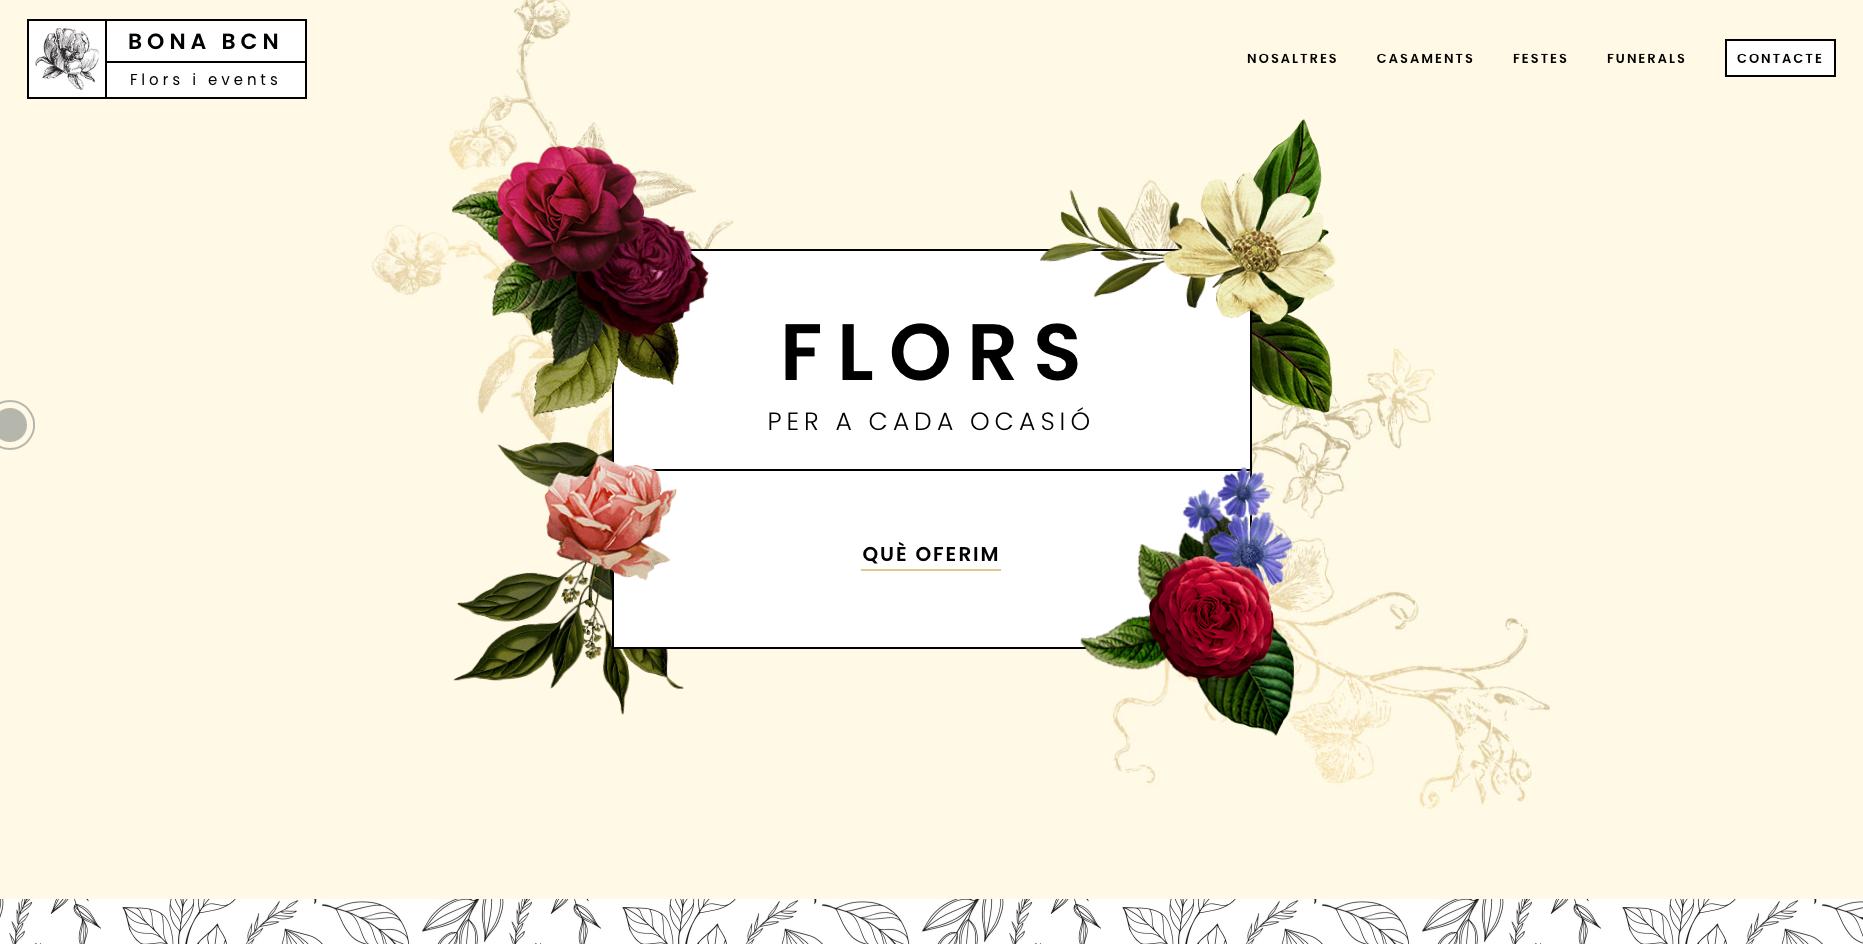 Flors i Events